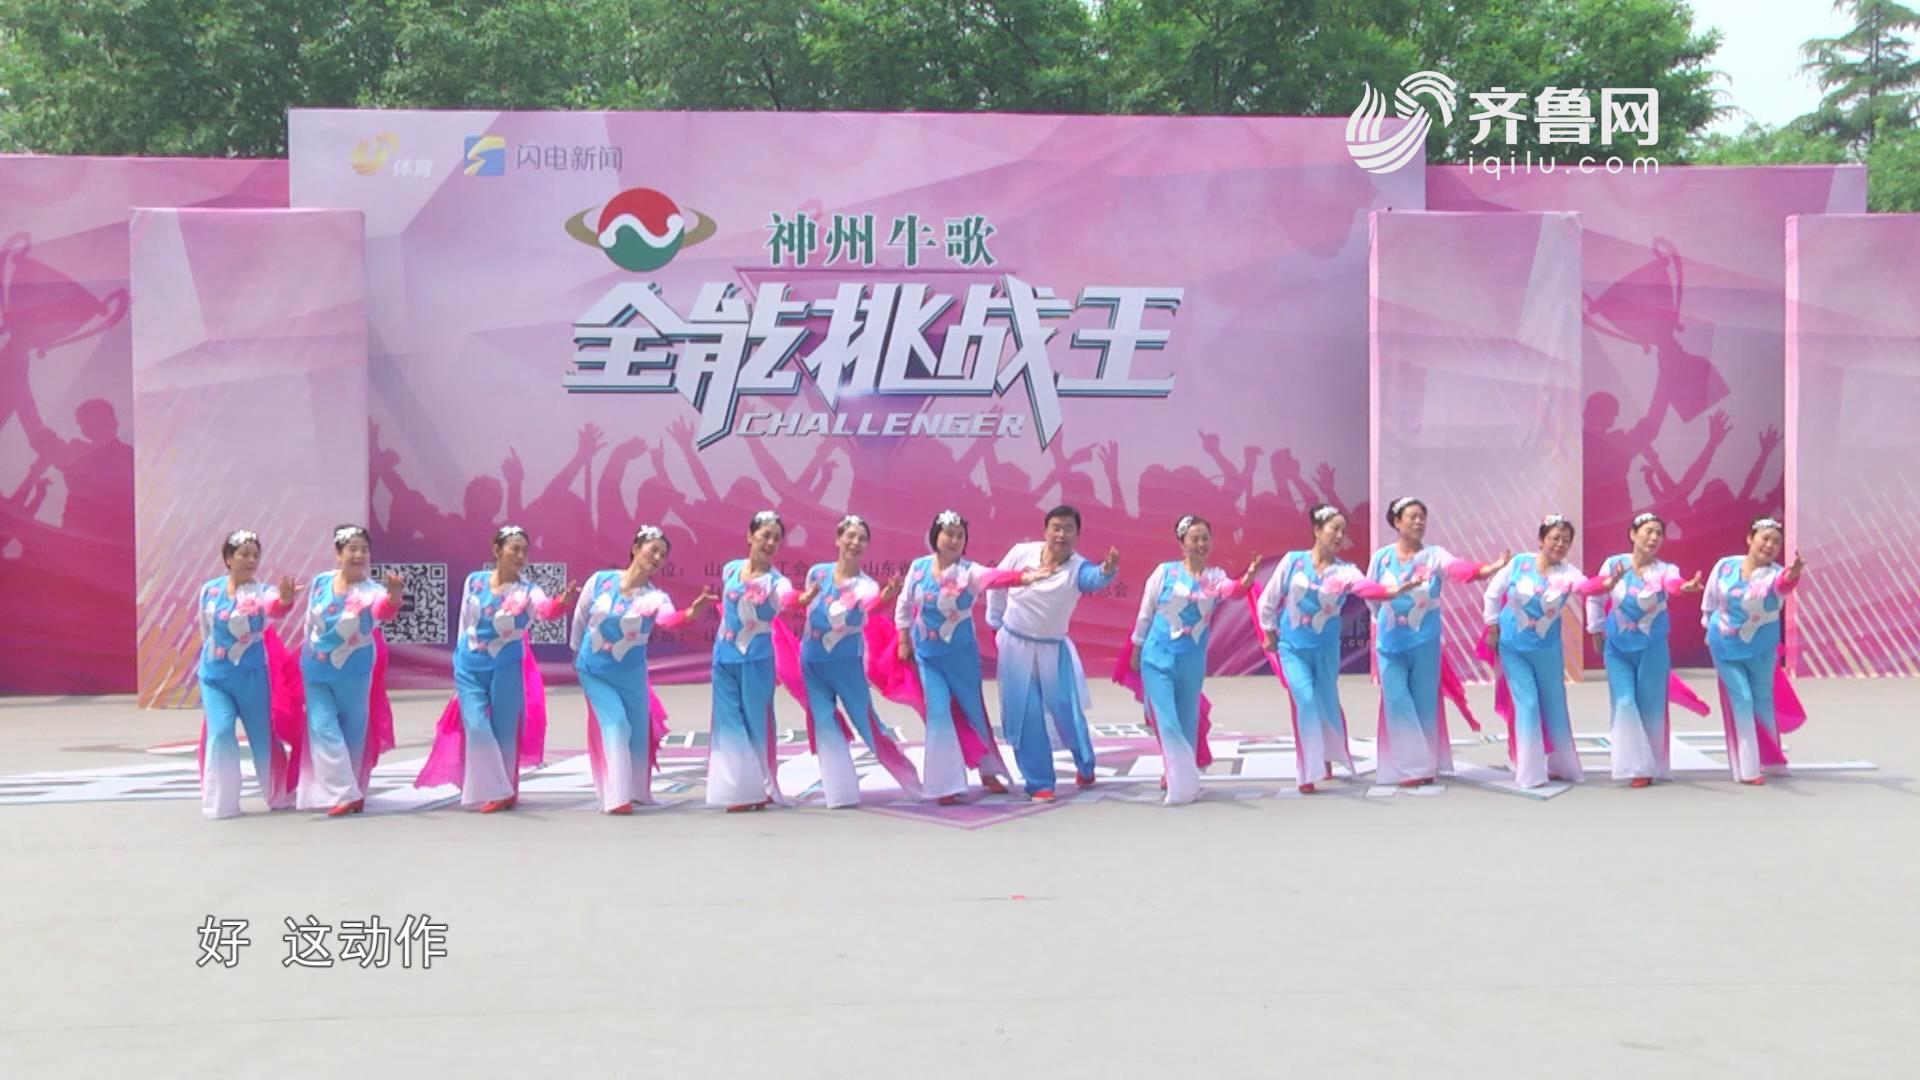 《全能挑战王》潍坊坊子区凤凰晨练艺术团表演《踏歌起舞的中国》